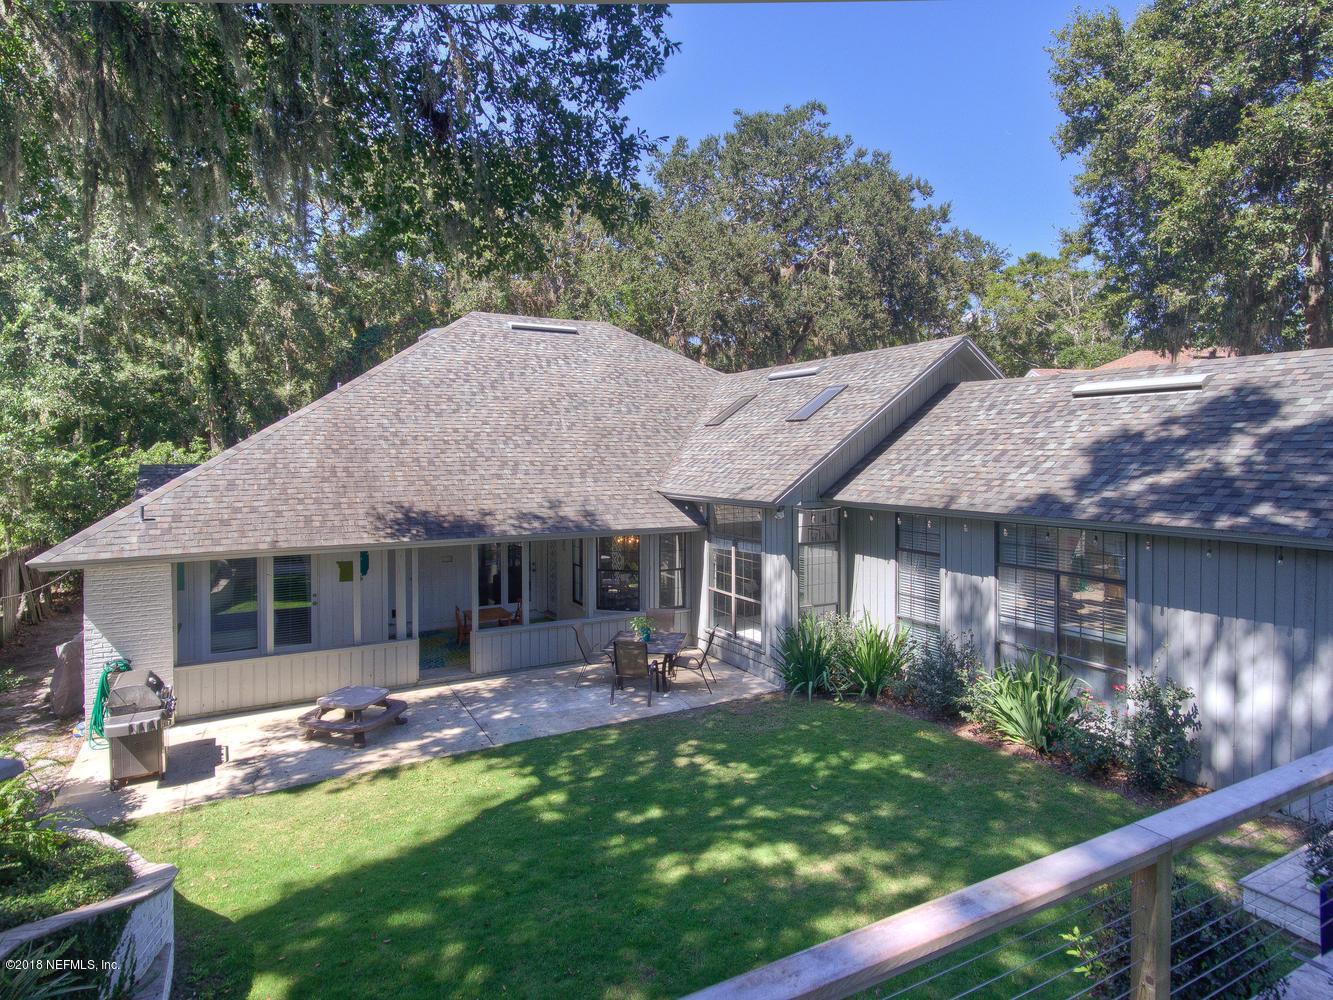 2305 OCEANWALK, ATLANTIC BEACH, FLORIDA 32233, 5 Bedrooms Bedrooms, ,4 BathroomsBathrooms,Residential - single family,For sale,OCEANWALK,960148